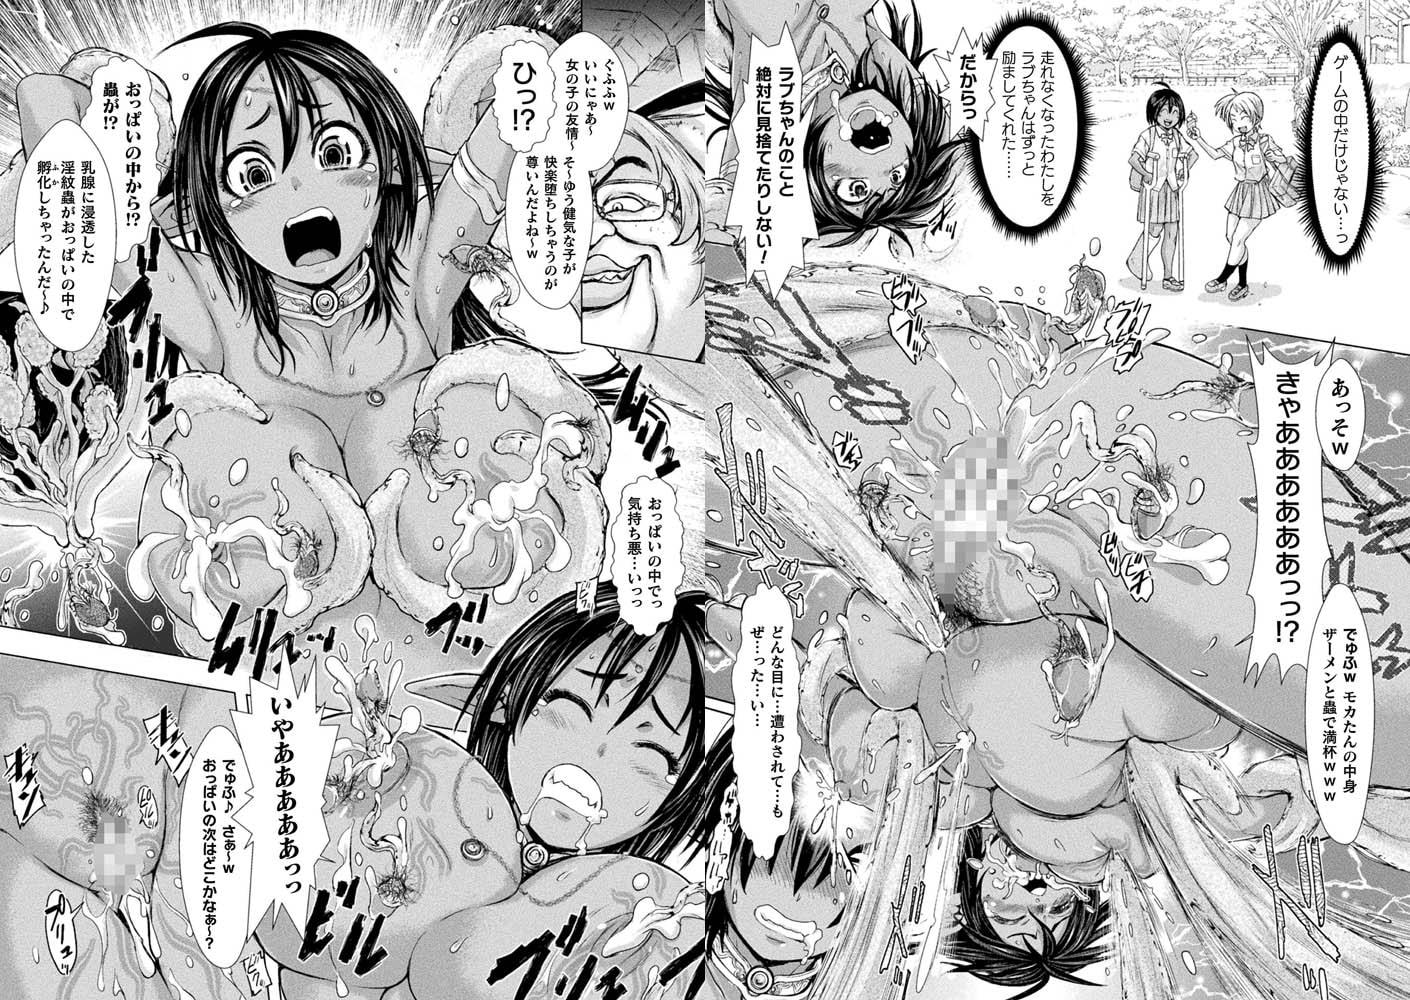 【触手】石野鐘音先生2冊パック(202010) サンプル画像12